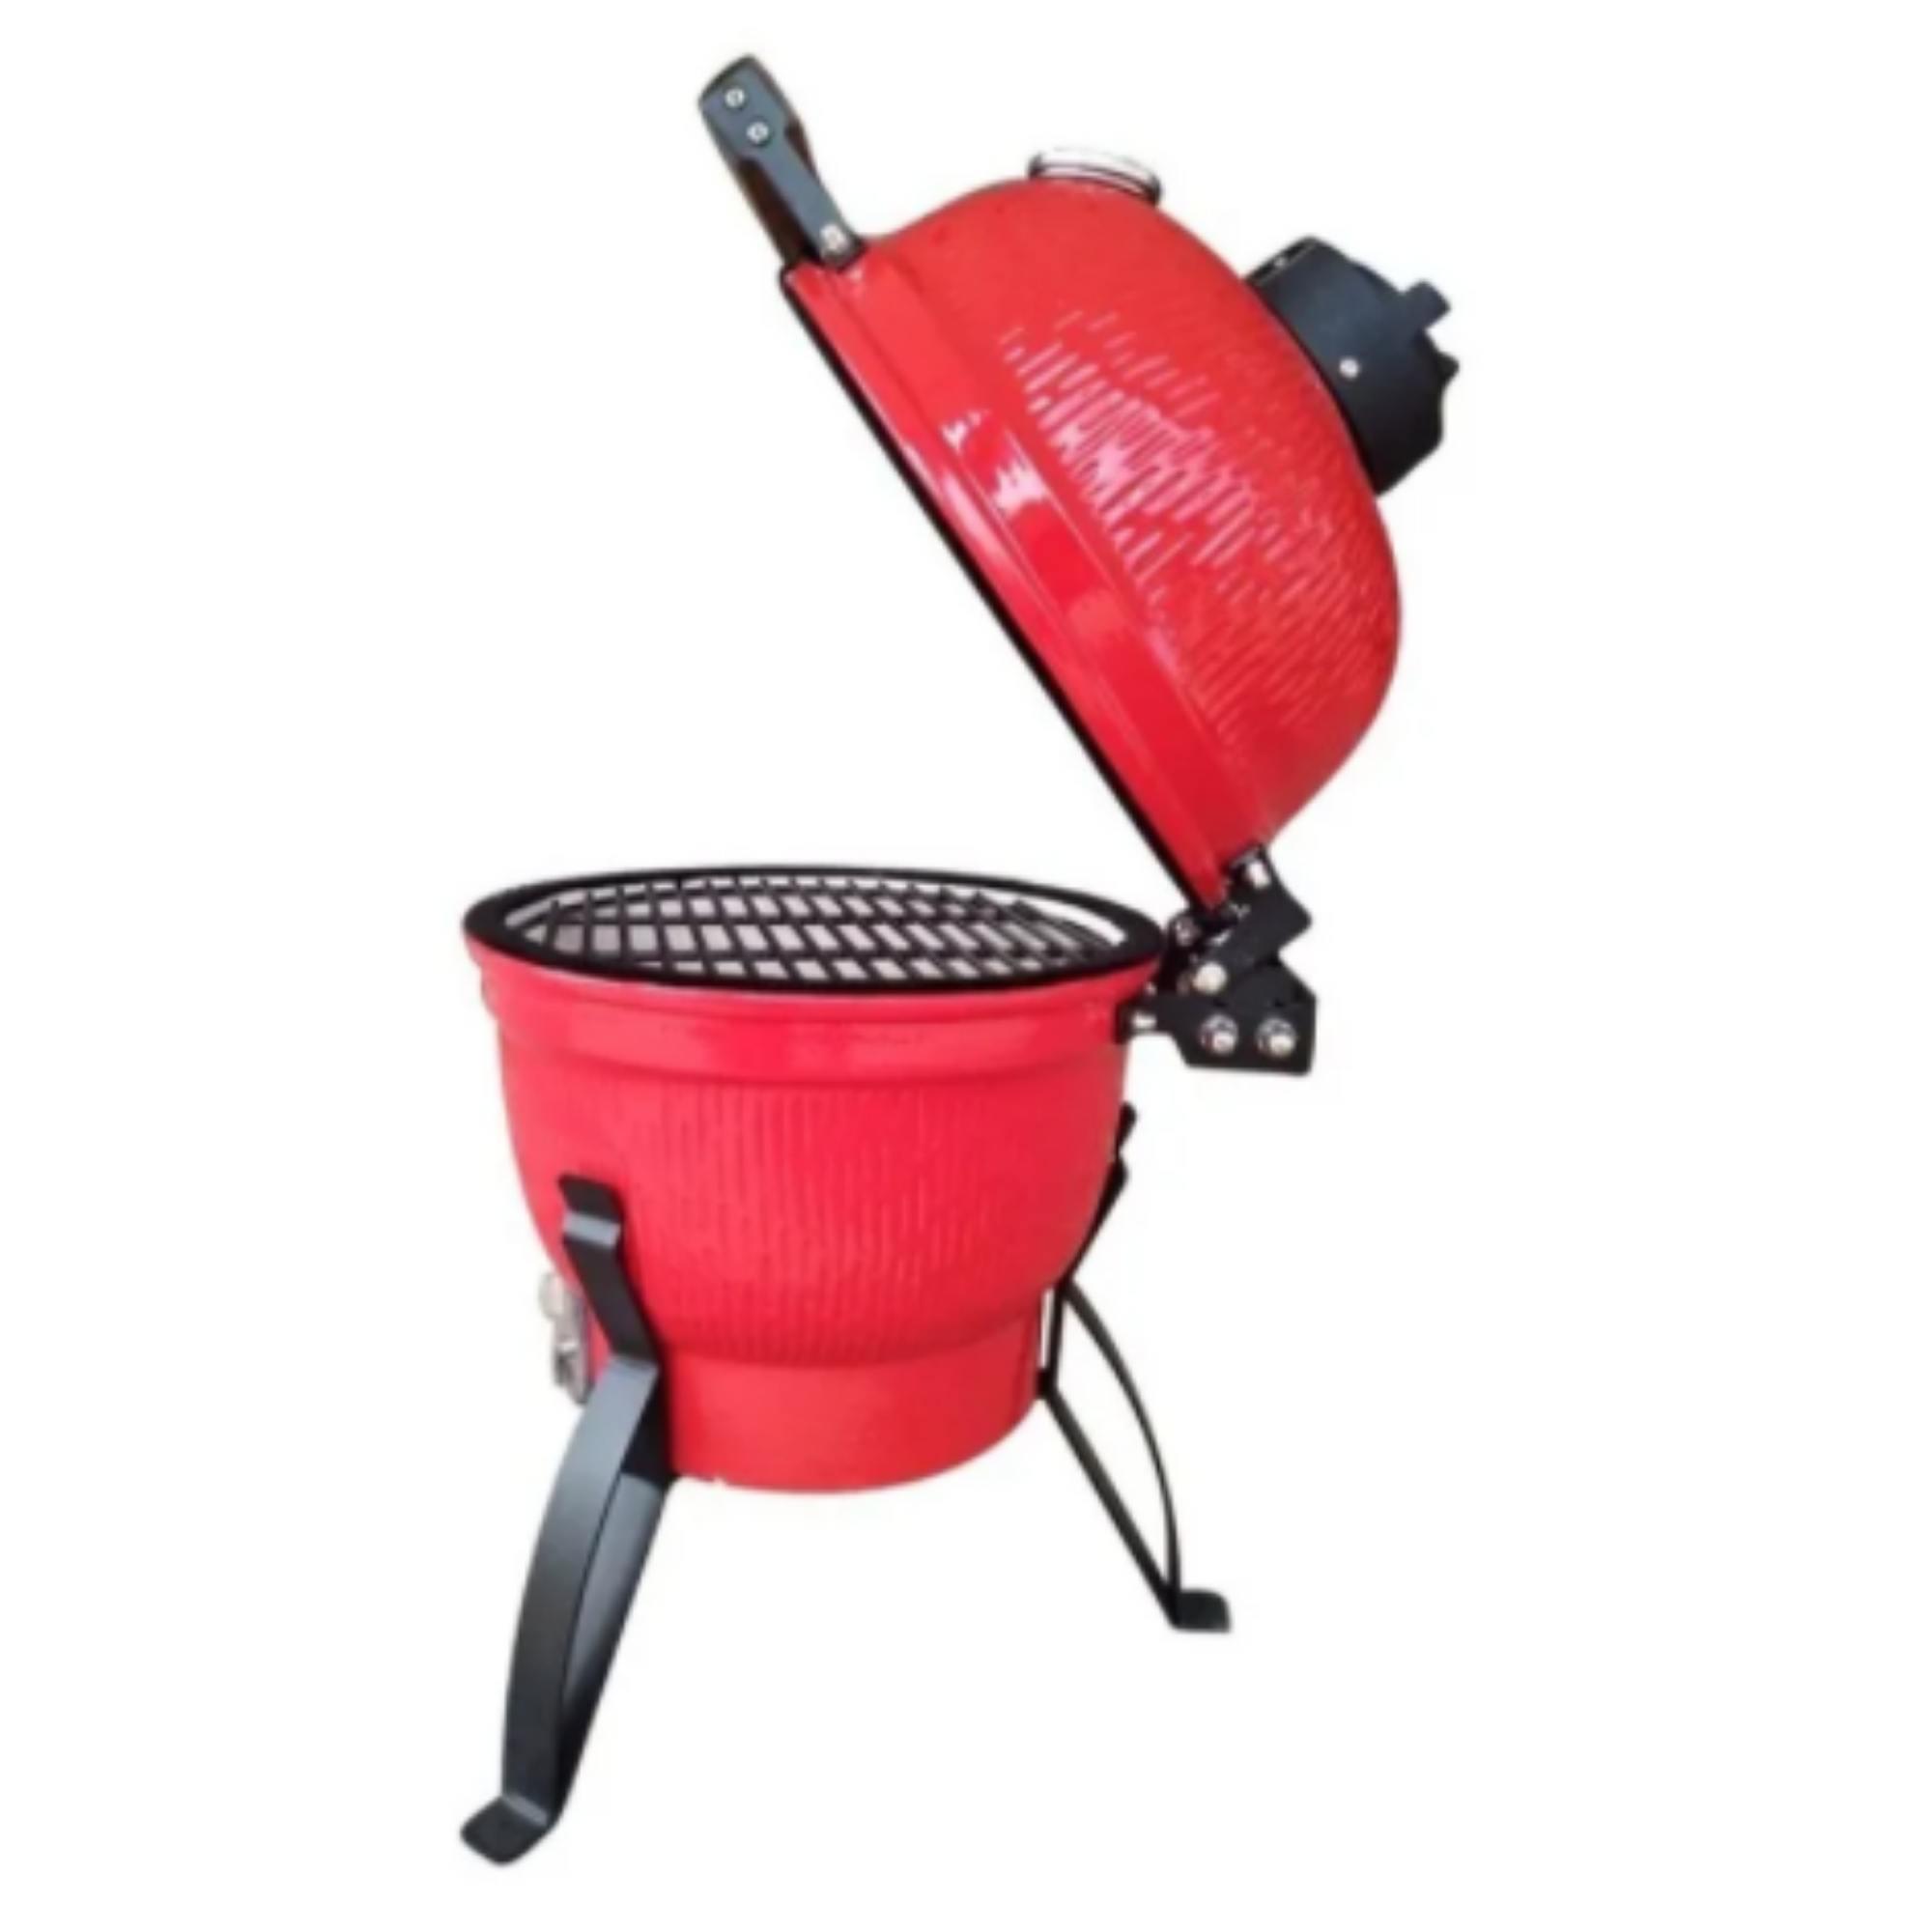 Churrasqueira Kamado Big Bob Egg Cerâmica Classic 13 Vermelha  - Sua Casa Gourmet e Cia